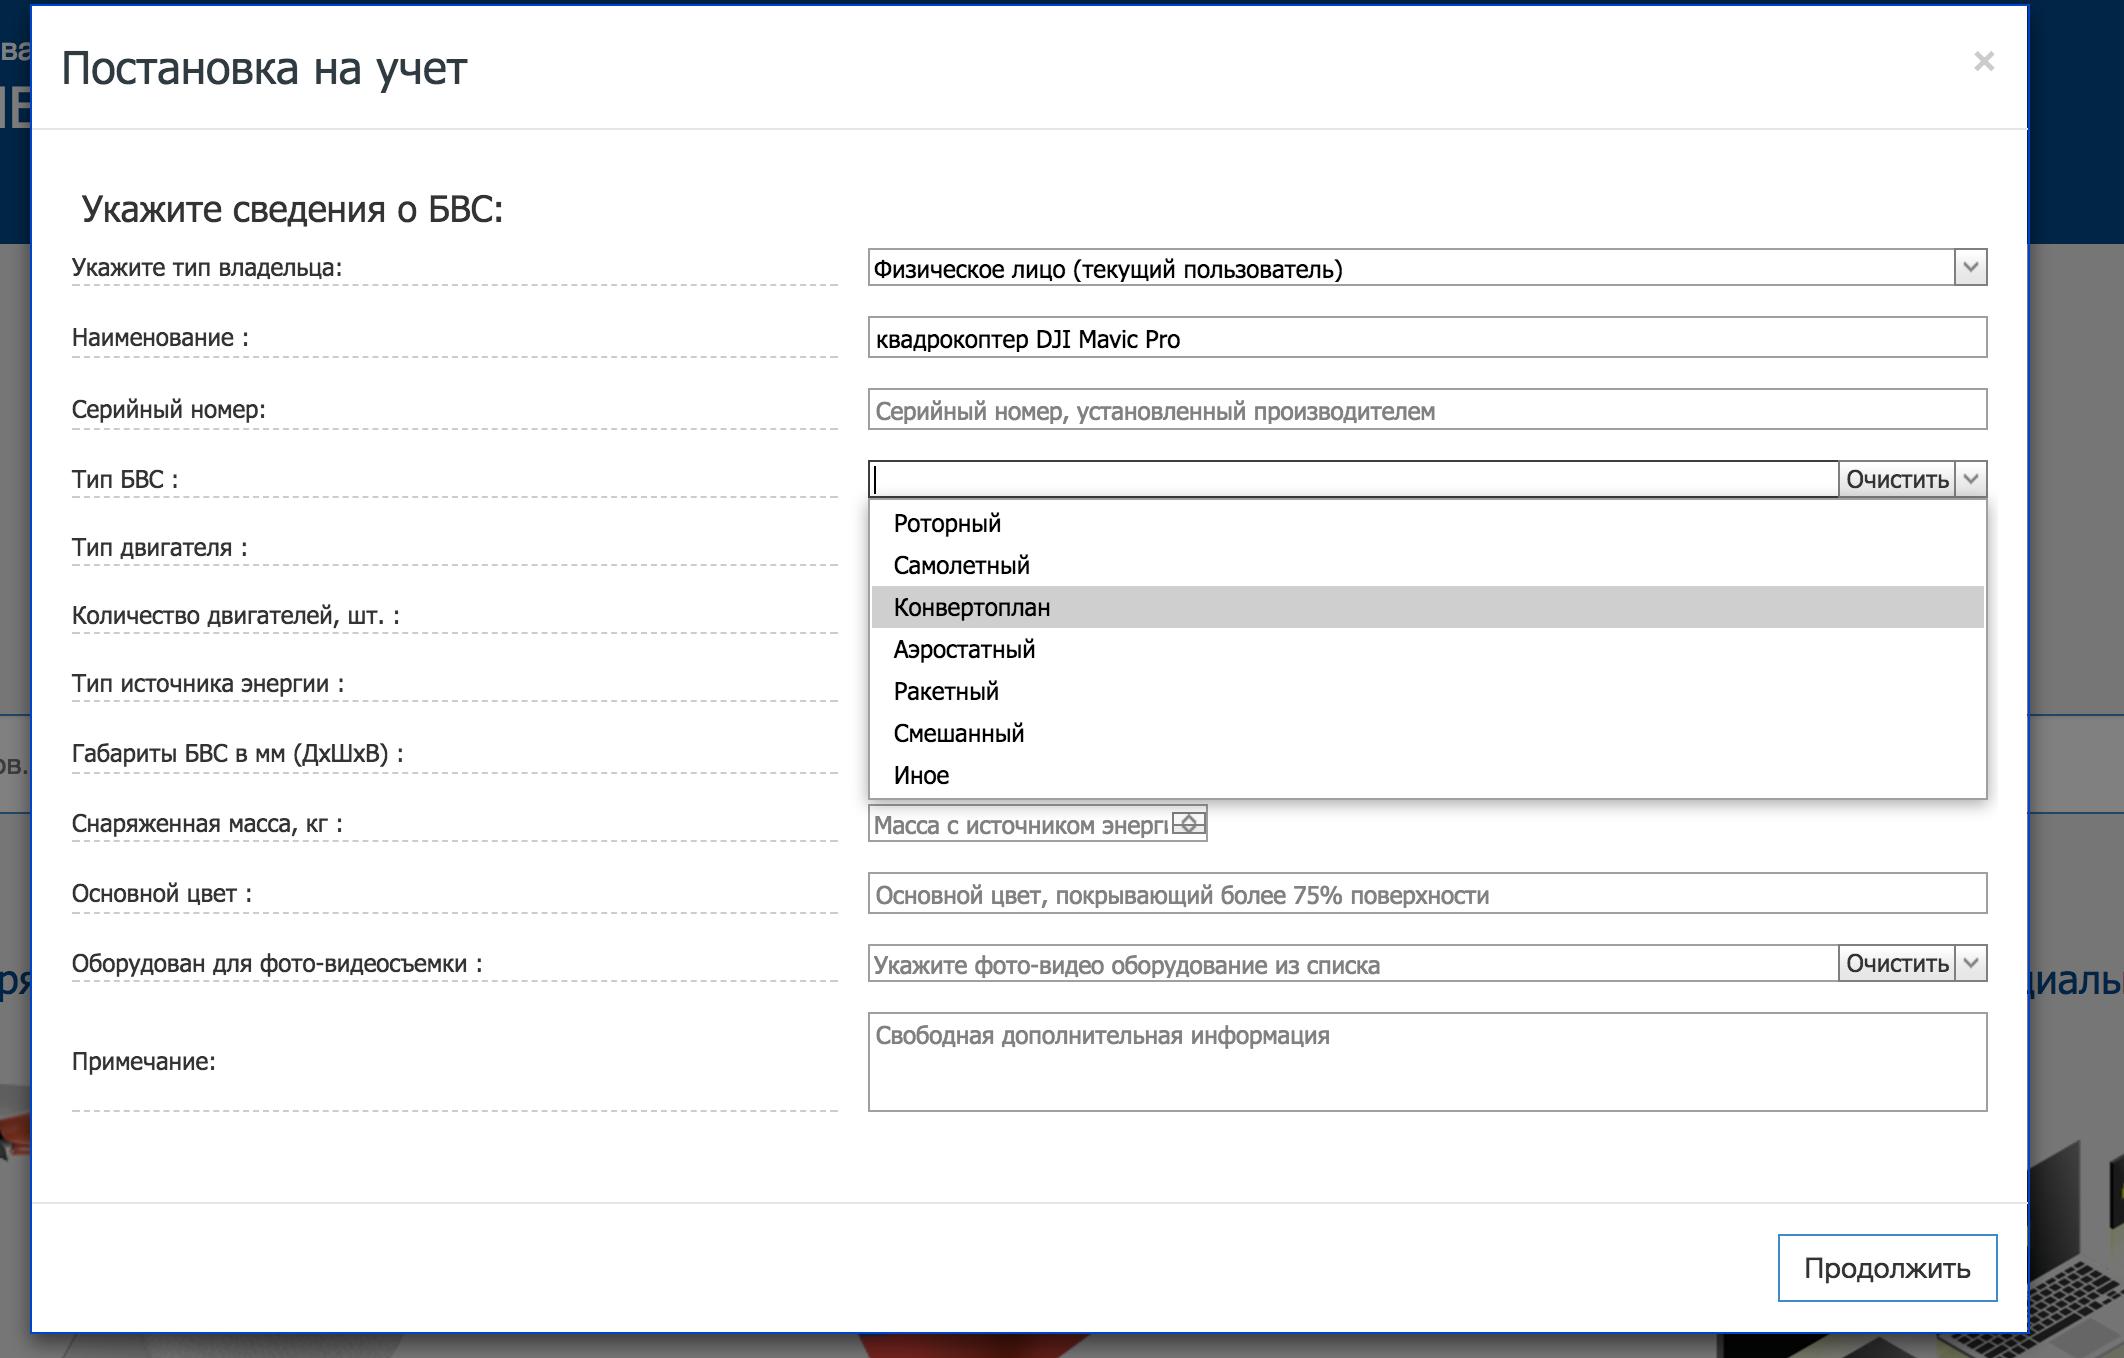 Как зарегистрировать квадрокоптер в москве combo гарантийный ремонт при падении